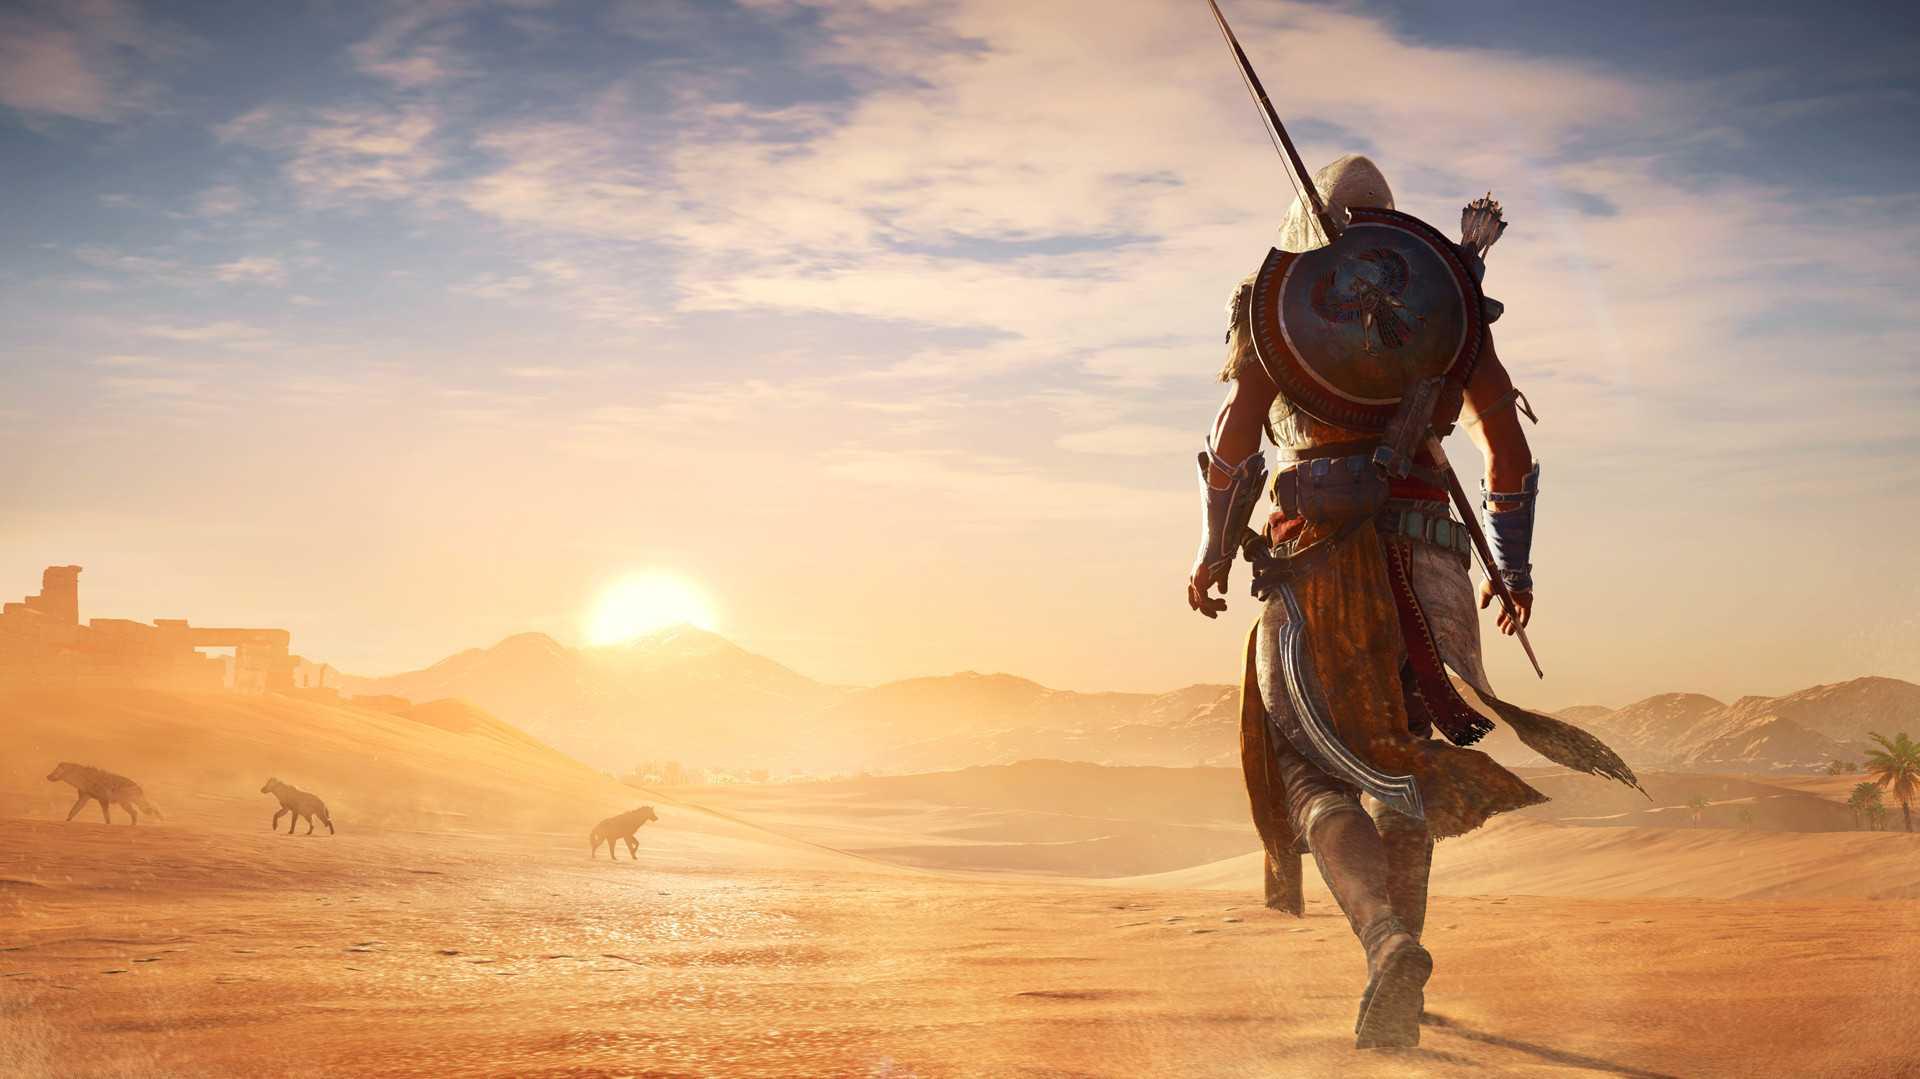 Denuvo und VMProtect angeblich Schuld an hoher CPU-Last in Assassin's Creed Origins